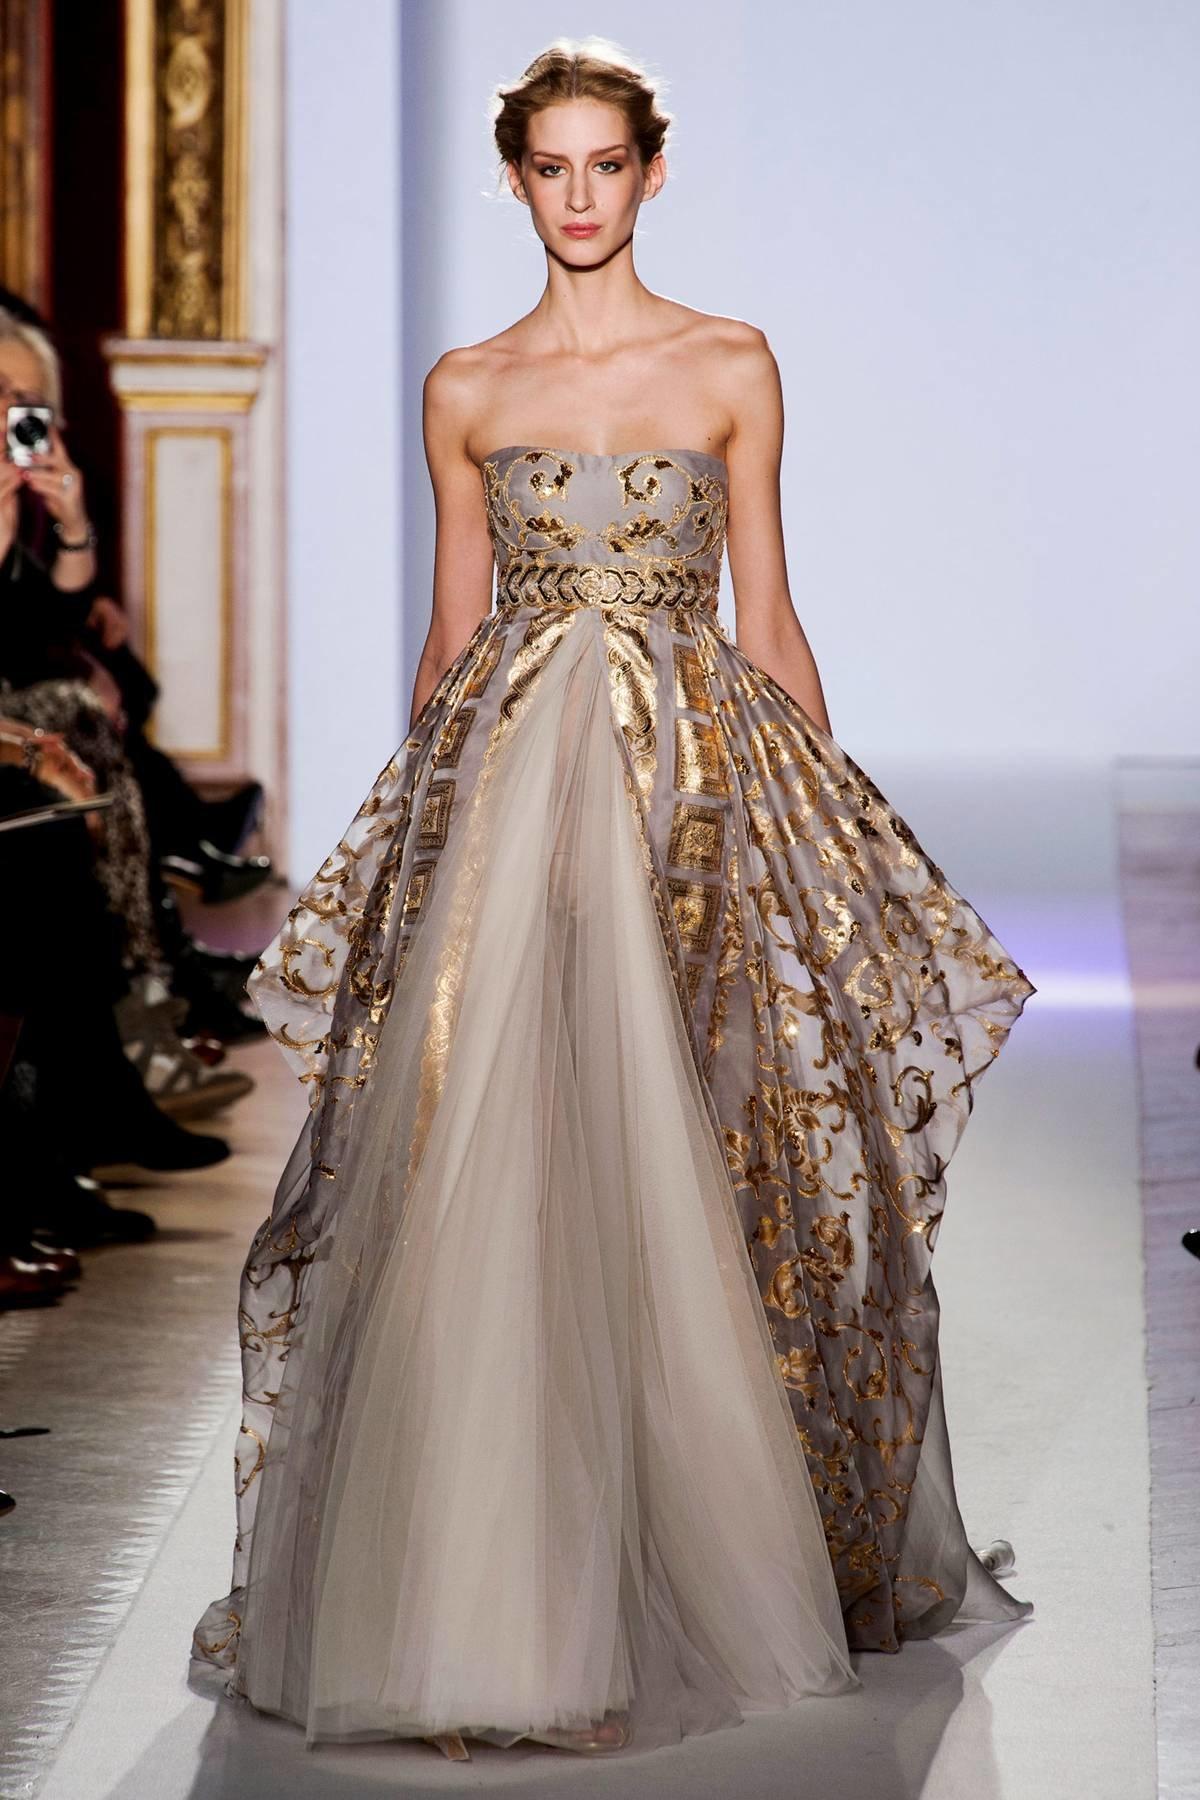 фото лучших дизайнерских коллекций платьев выбрать вьющиеся